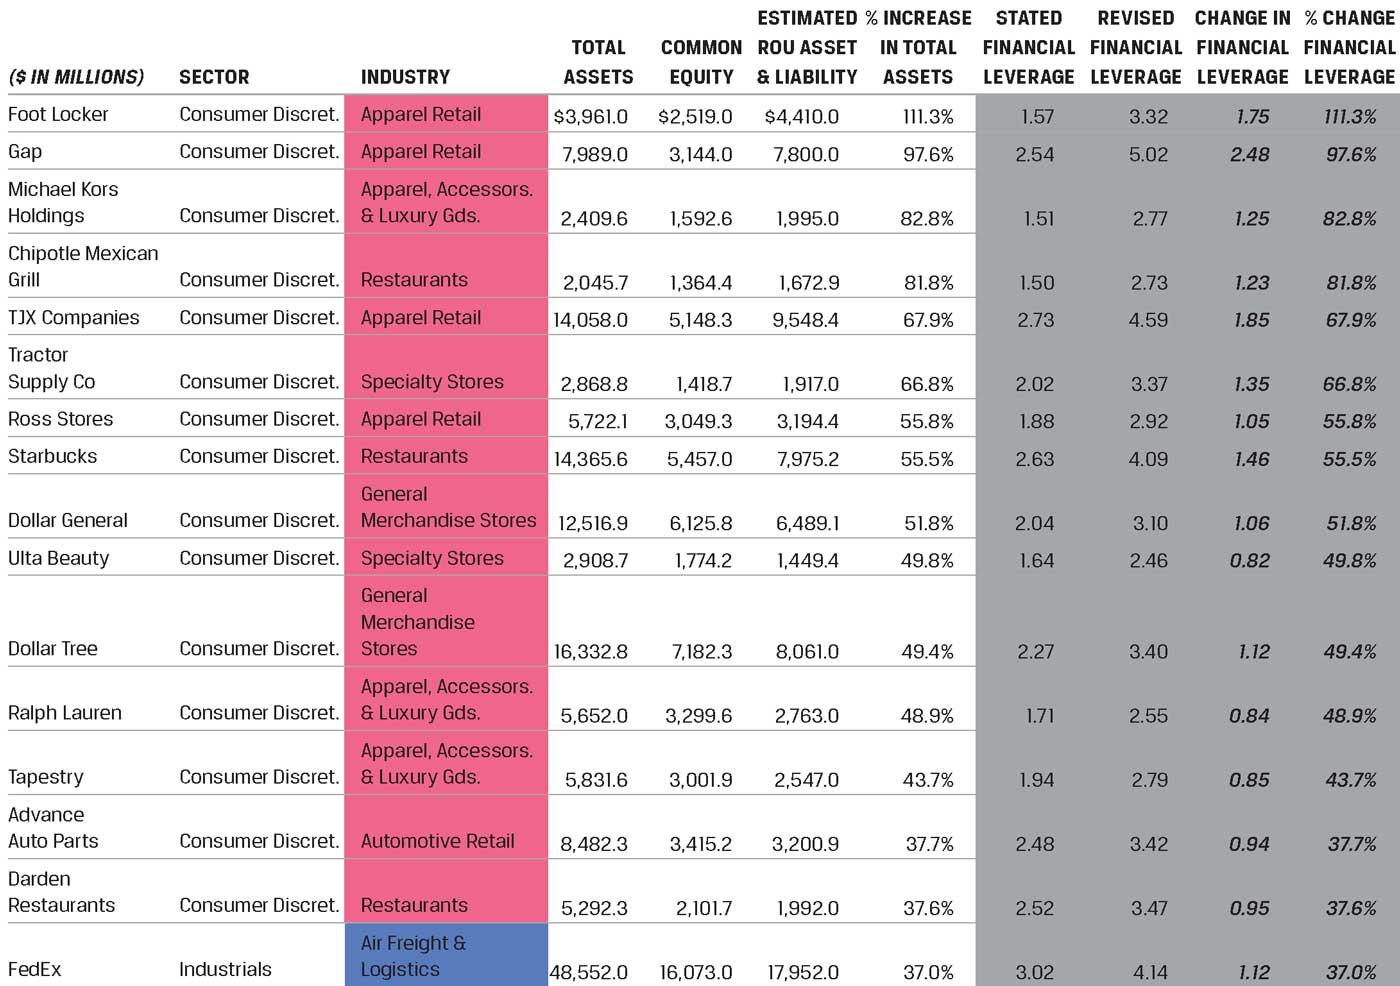 Влияние изменения стандарта аренды: примерная оценка признаваемых активов и обязательств (1).